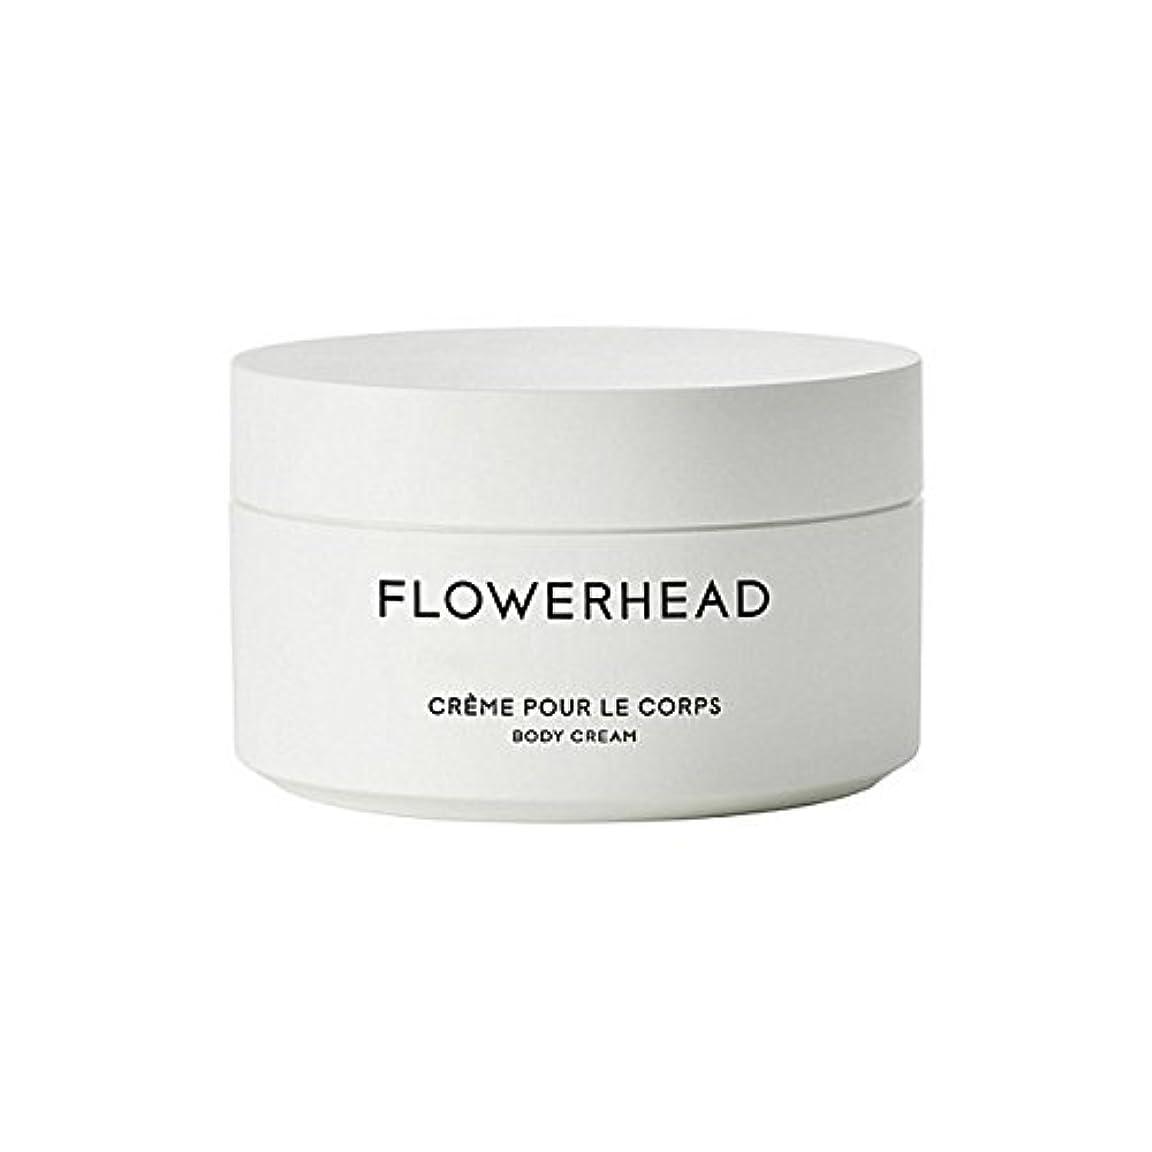 化学薬品電気的レキシコンByredo Flowerhead Body Cream 200ml - ボディクリーム200ミリリットル [並行輸入品]